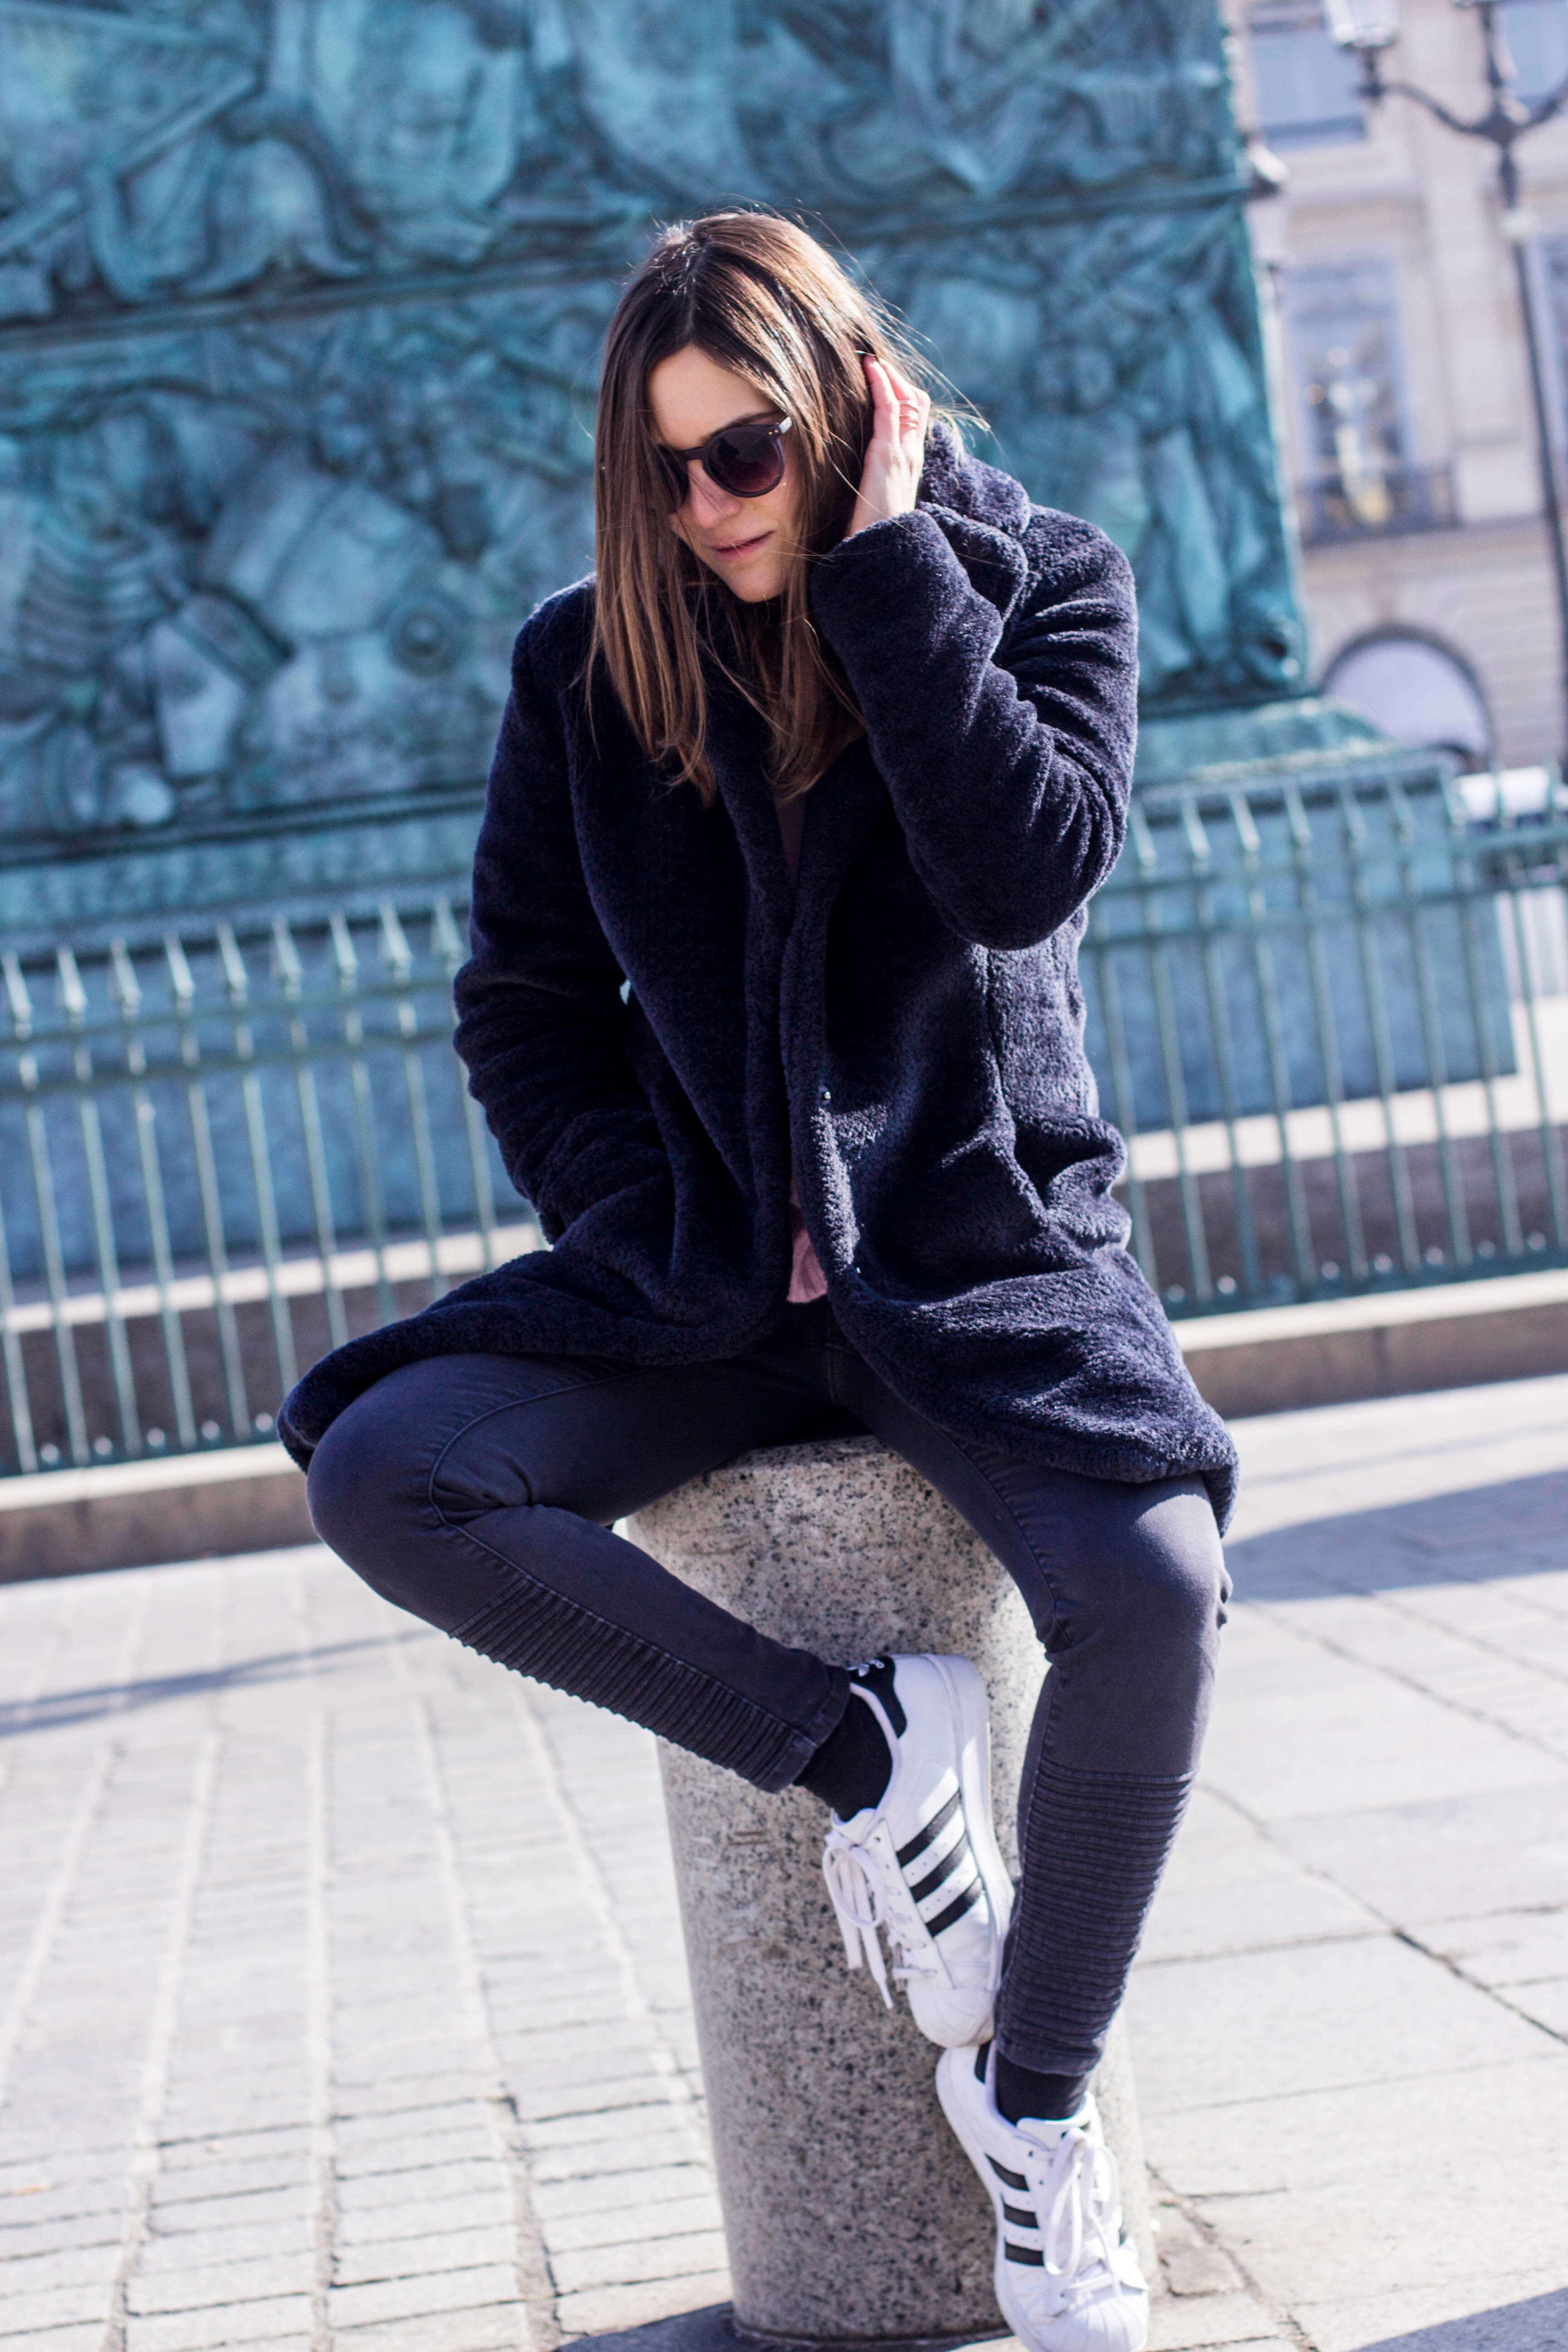 comment porter le gros manteau doudou